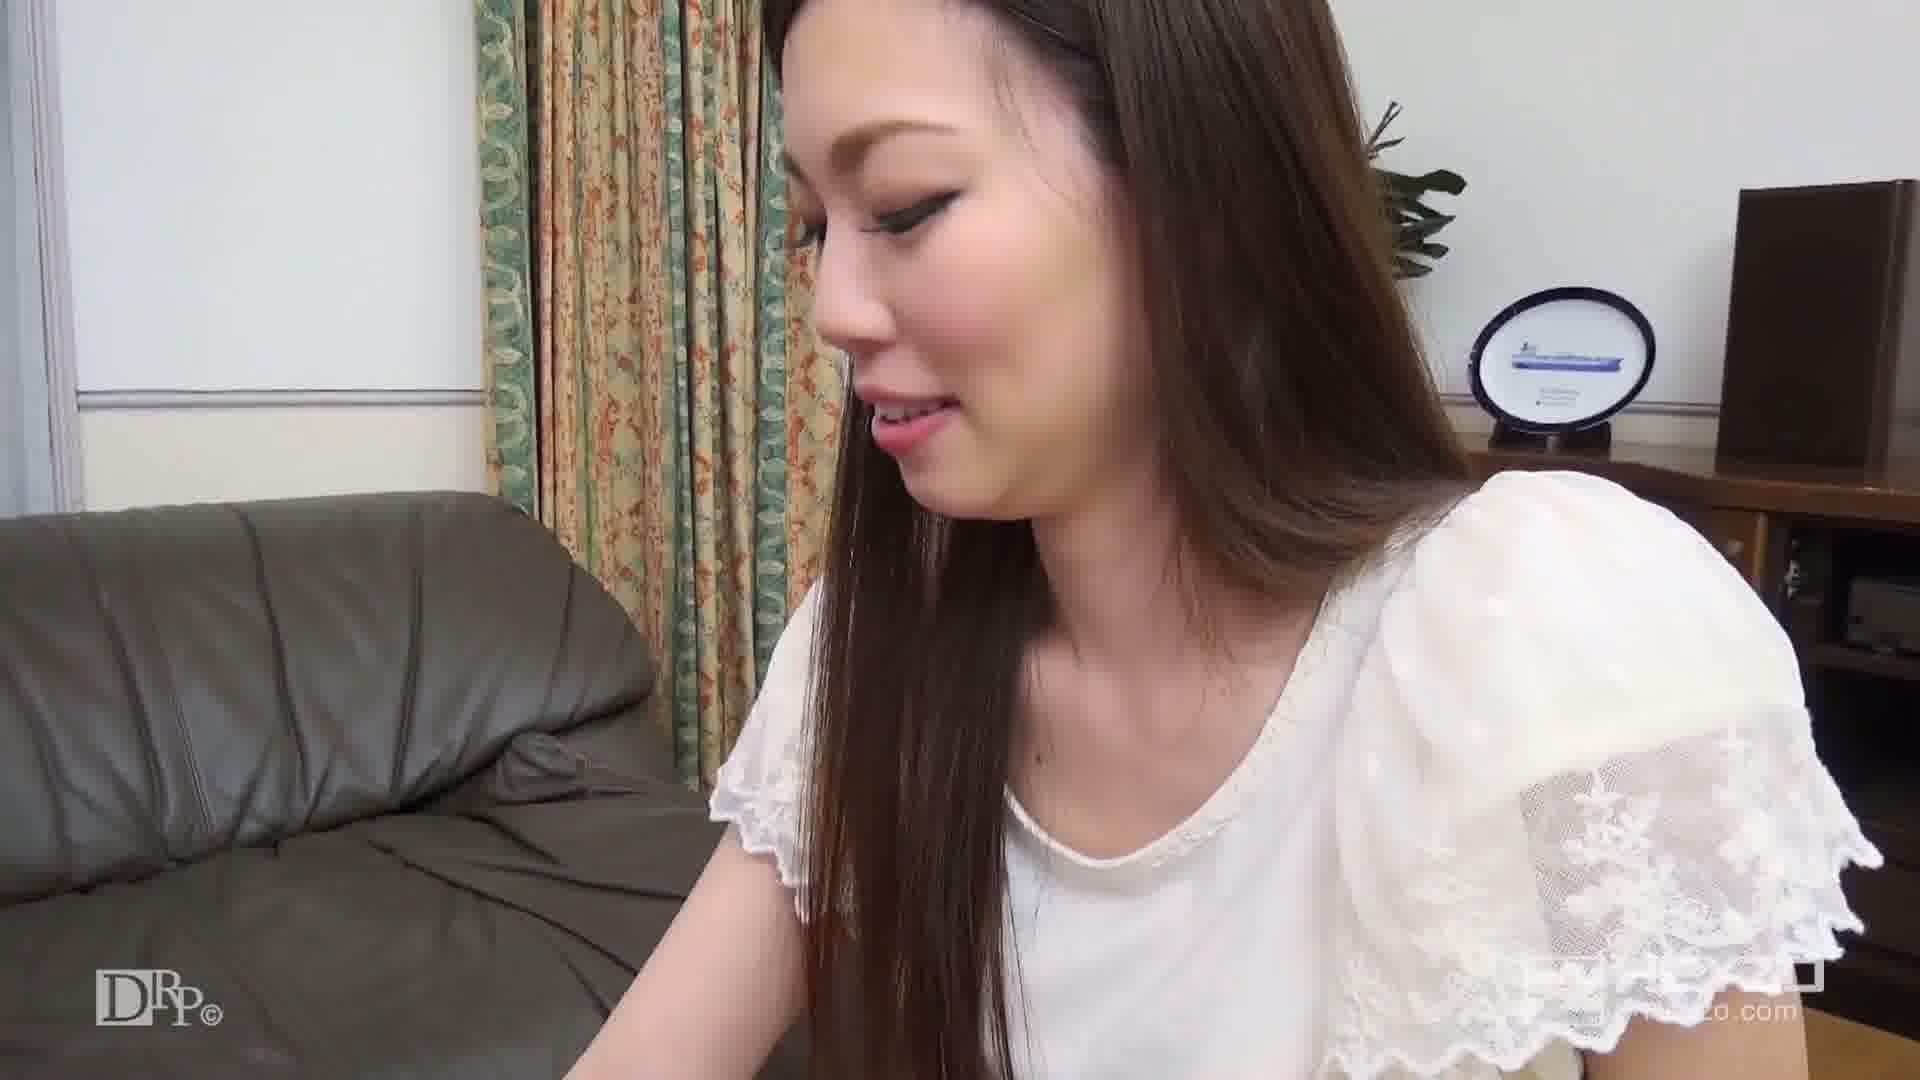 ノーマルなエッチじゃ満足できない!~セフレ3人と秘密の情事~ - 吉村美咲【フェラ抜き おもちゃ】